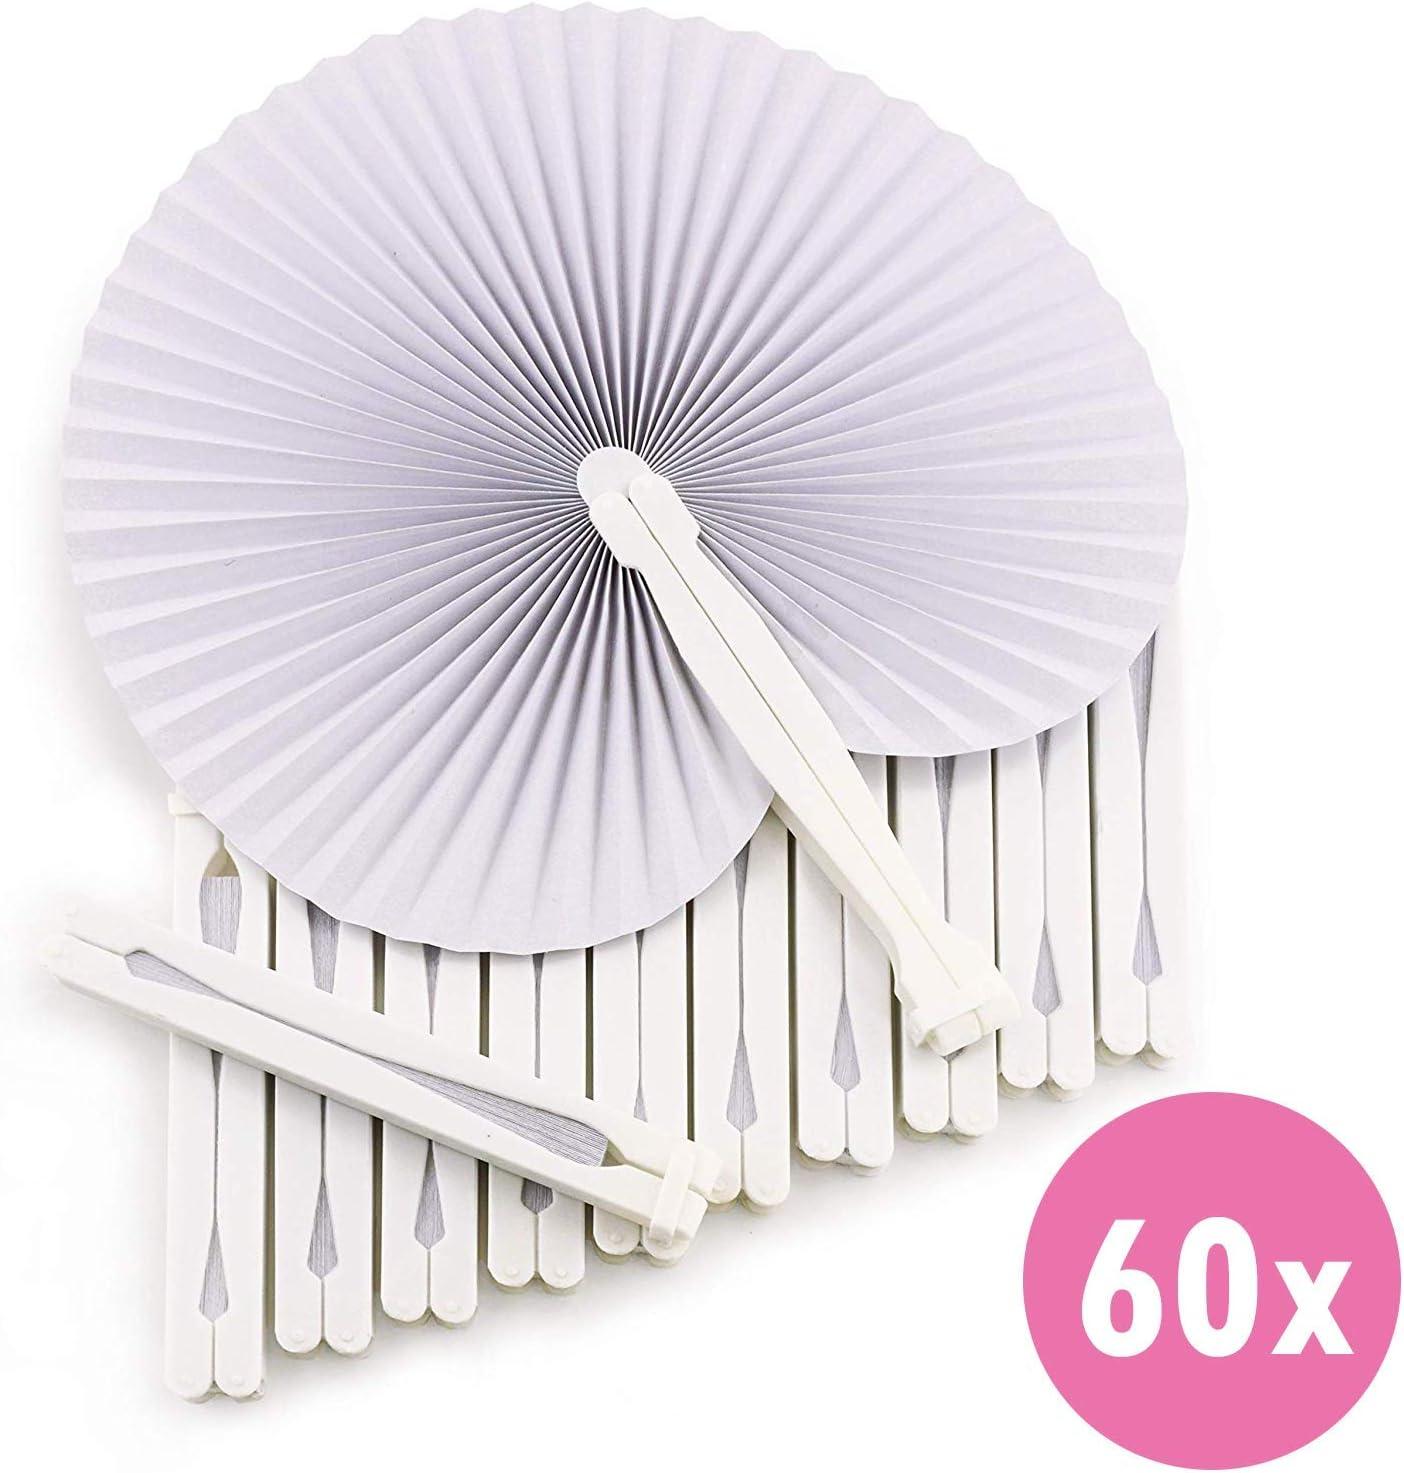 WeddingTree ® 60 x Abanicos de Bolsillo - Papel Blanco abatible - Paipai - Diversión en la decoración para los más Grandes y pequeños - Regalo para Invitados en Boda, Fiesta, Bailes de Flamenco.